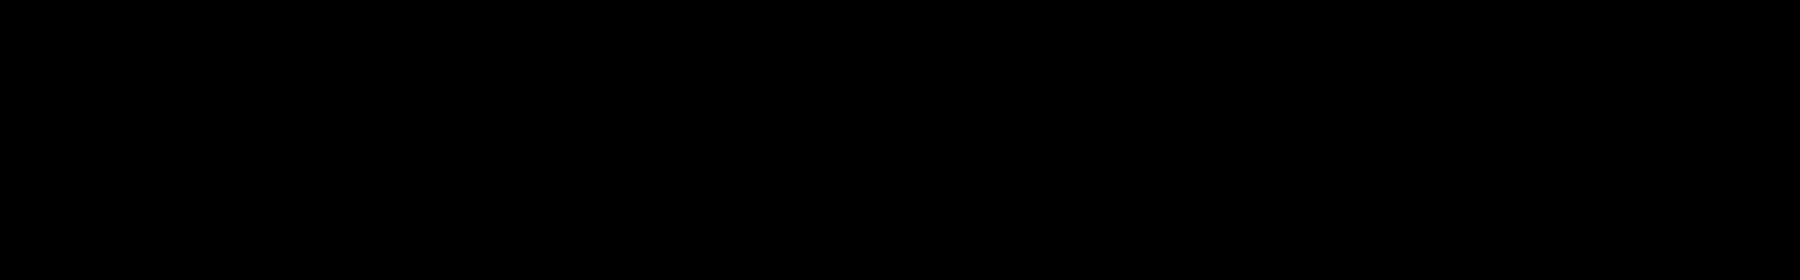 Psytrance Mega FX audio waveform